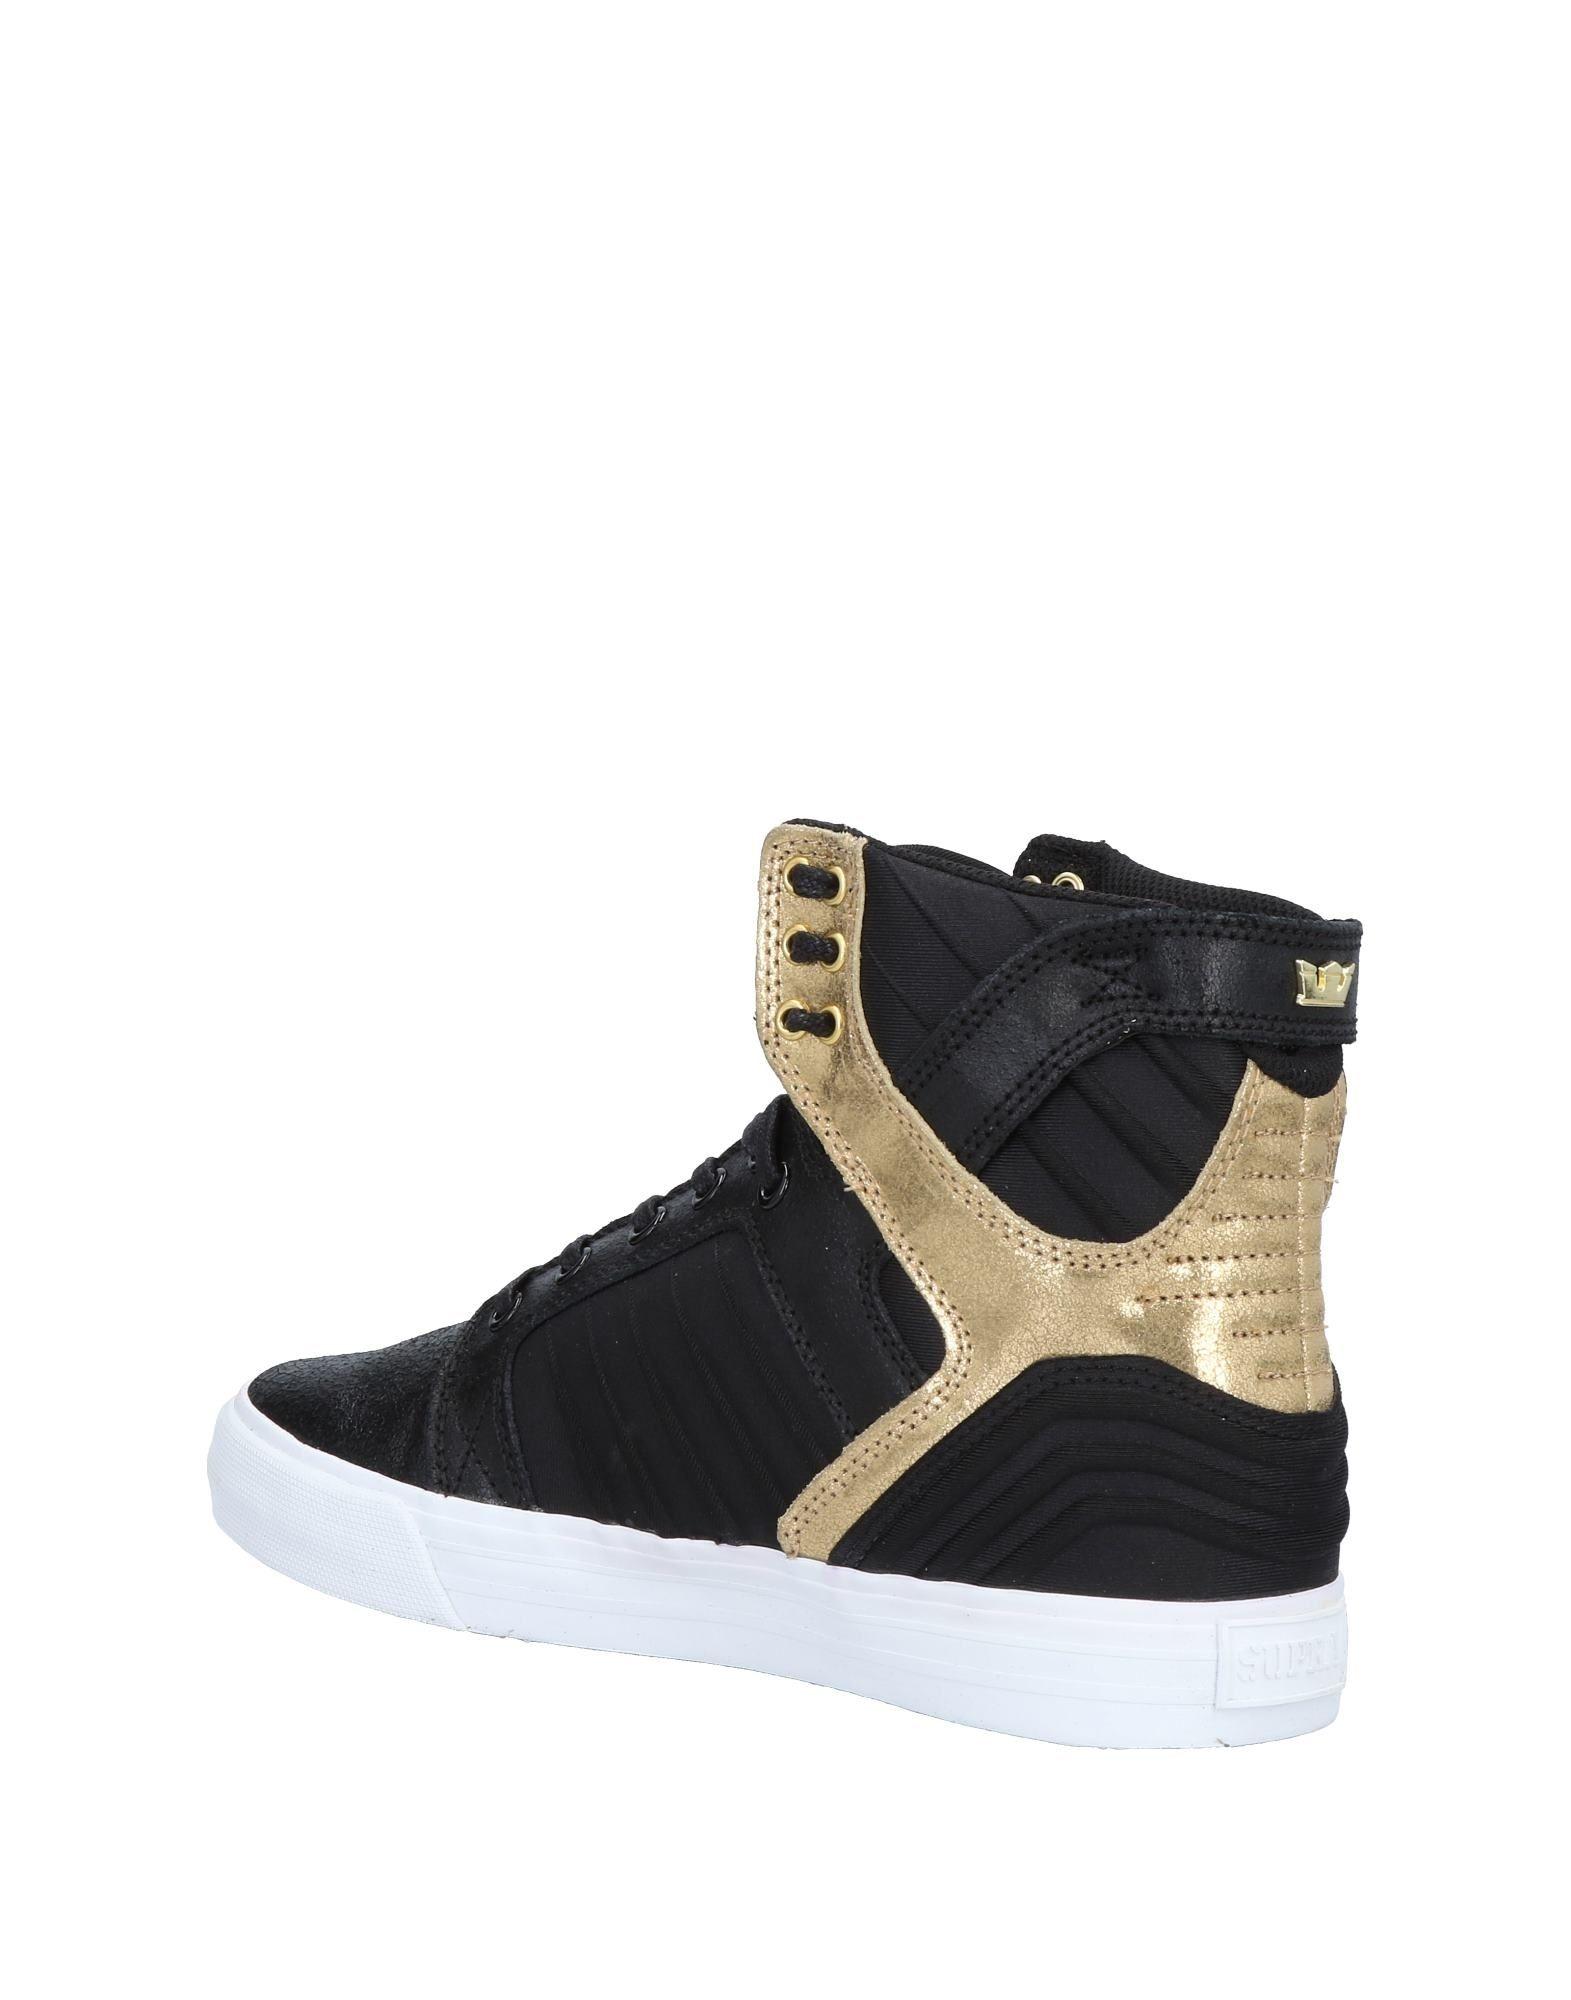 Scarpe Scarpe Scarpe economiche e resistenti Sneakers Supra Uomo - 11476244GW f39a82